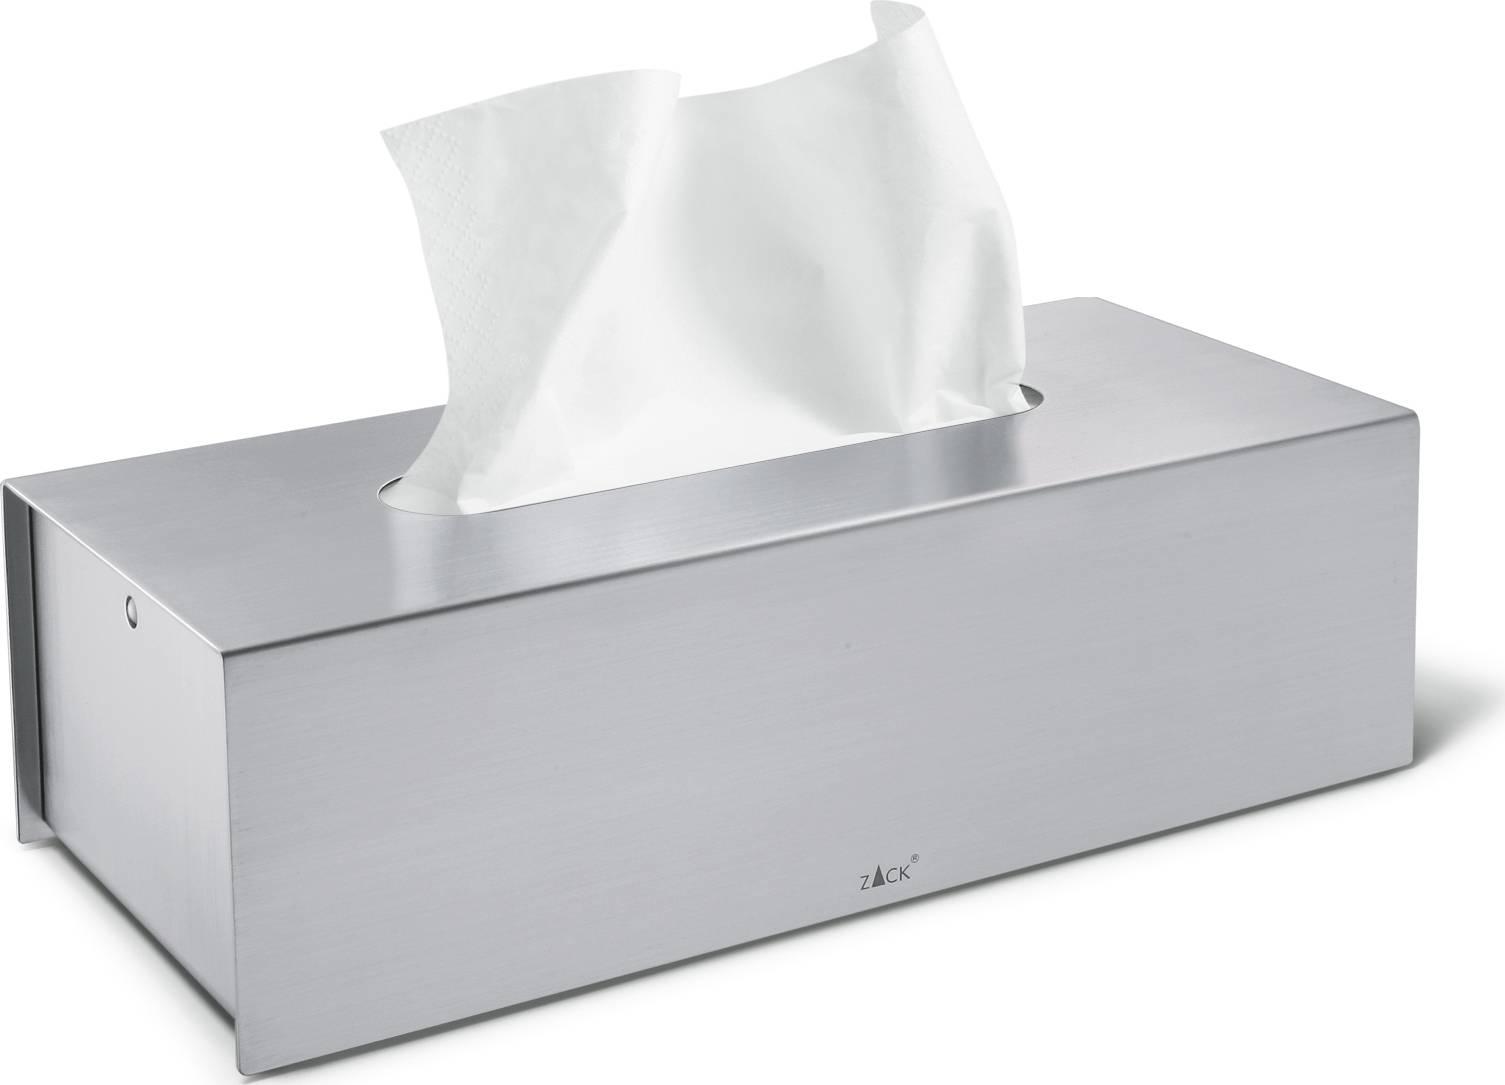 PURO box na papírové kapesníčky, 7,5 x 25 x 11,5 40231 Zack